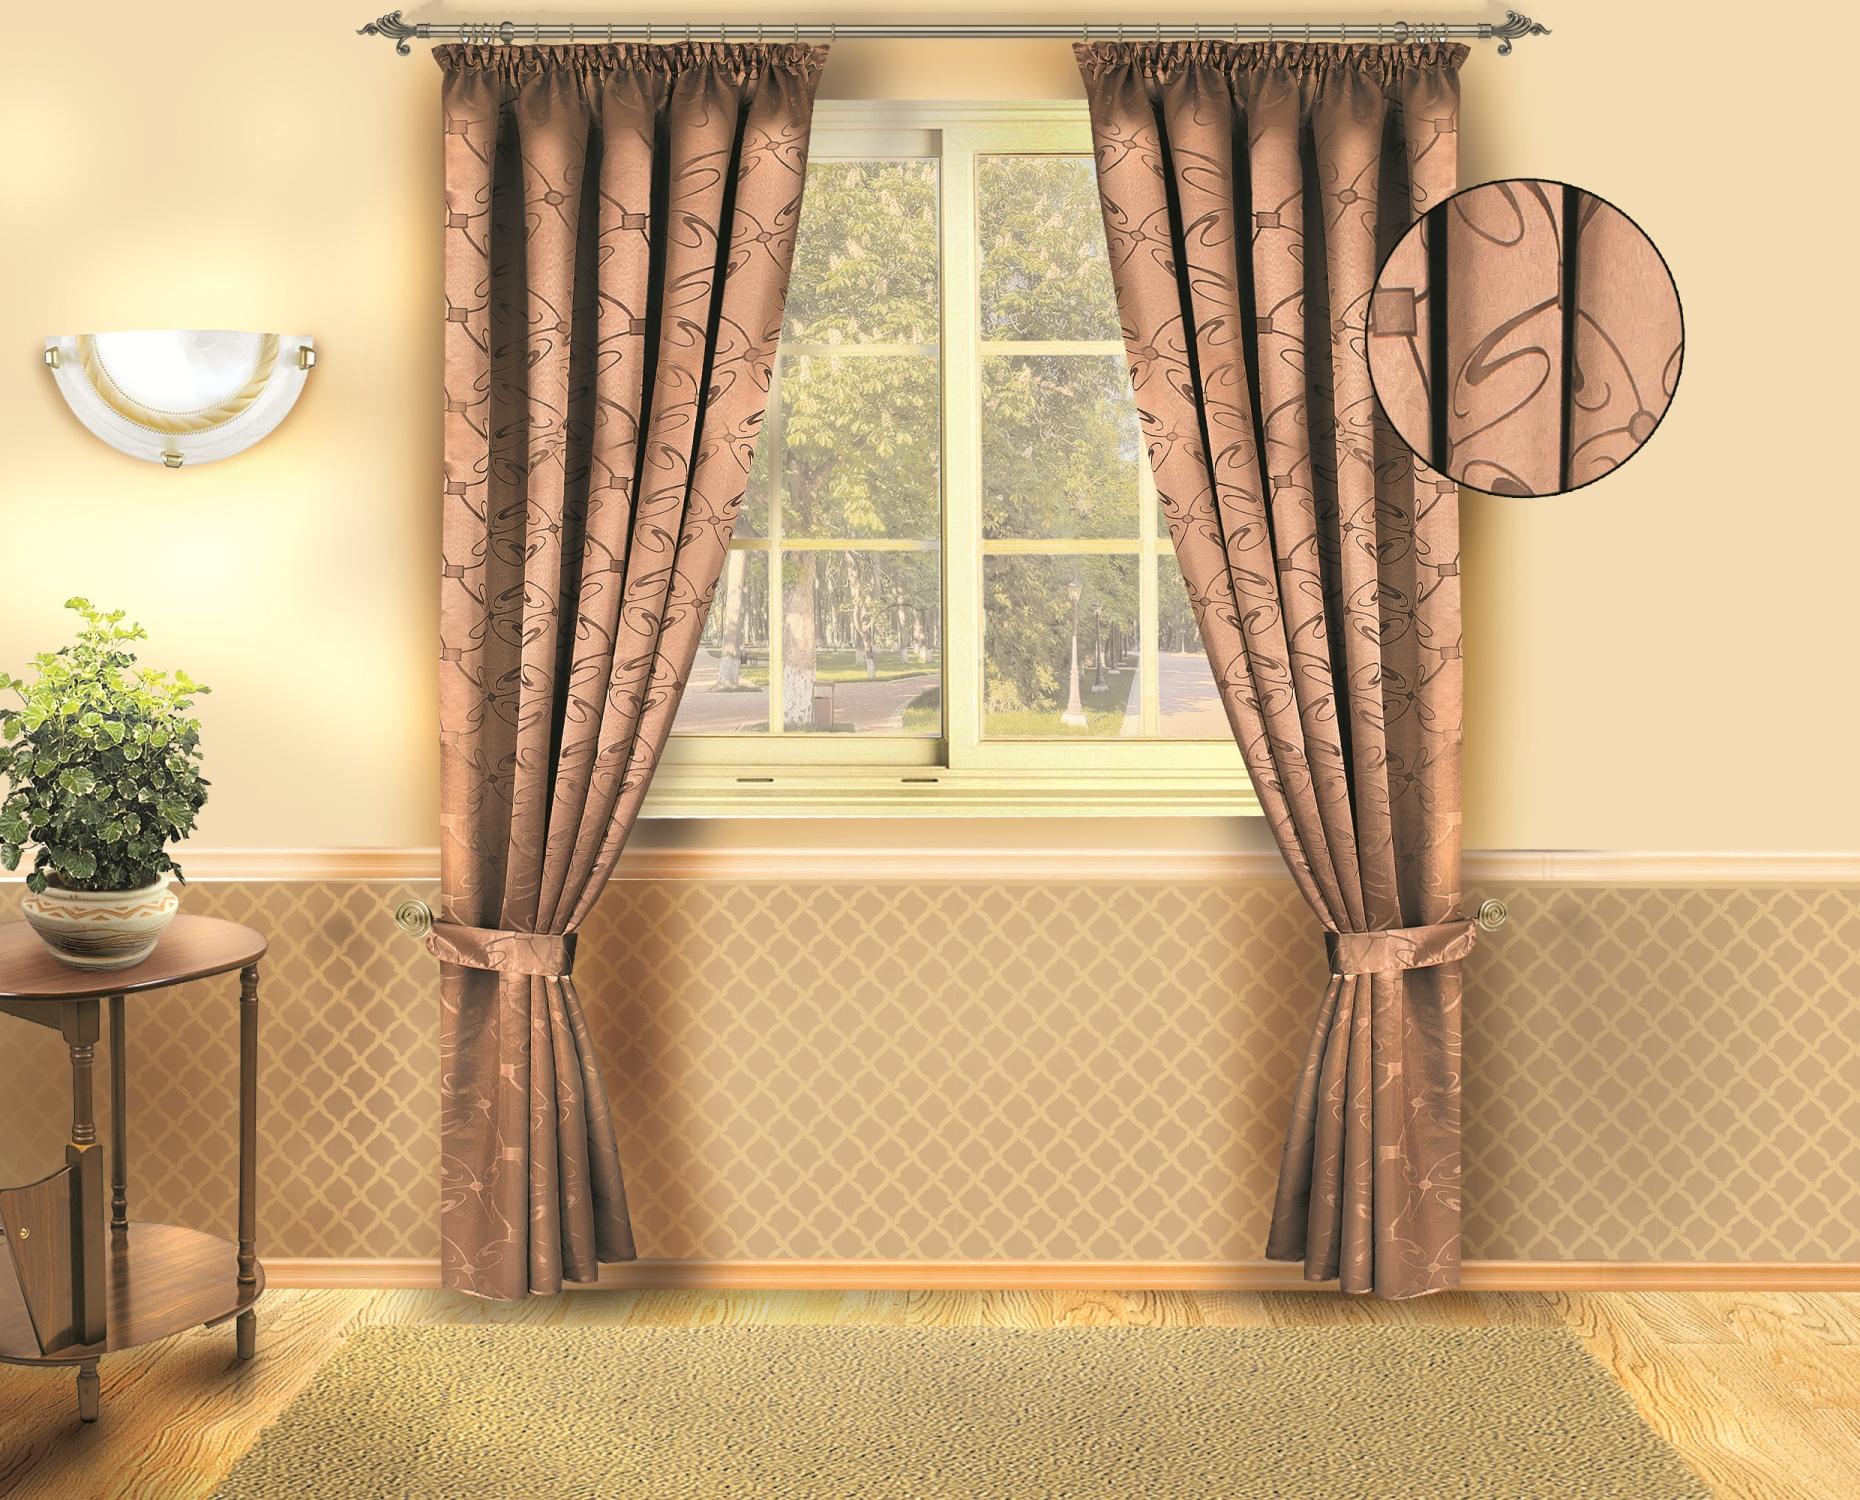 Комплект штор Zlata Korunka 140*250*2. Б133 коричневыйБ133 коричневыйКомплект штор Zlata Korunka 140*250*2. Б133 коричневый Материал: 100% п/э, размер: 140*250*2, цвет: коричневый